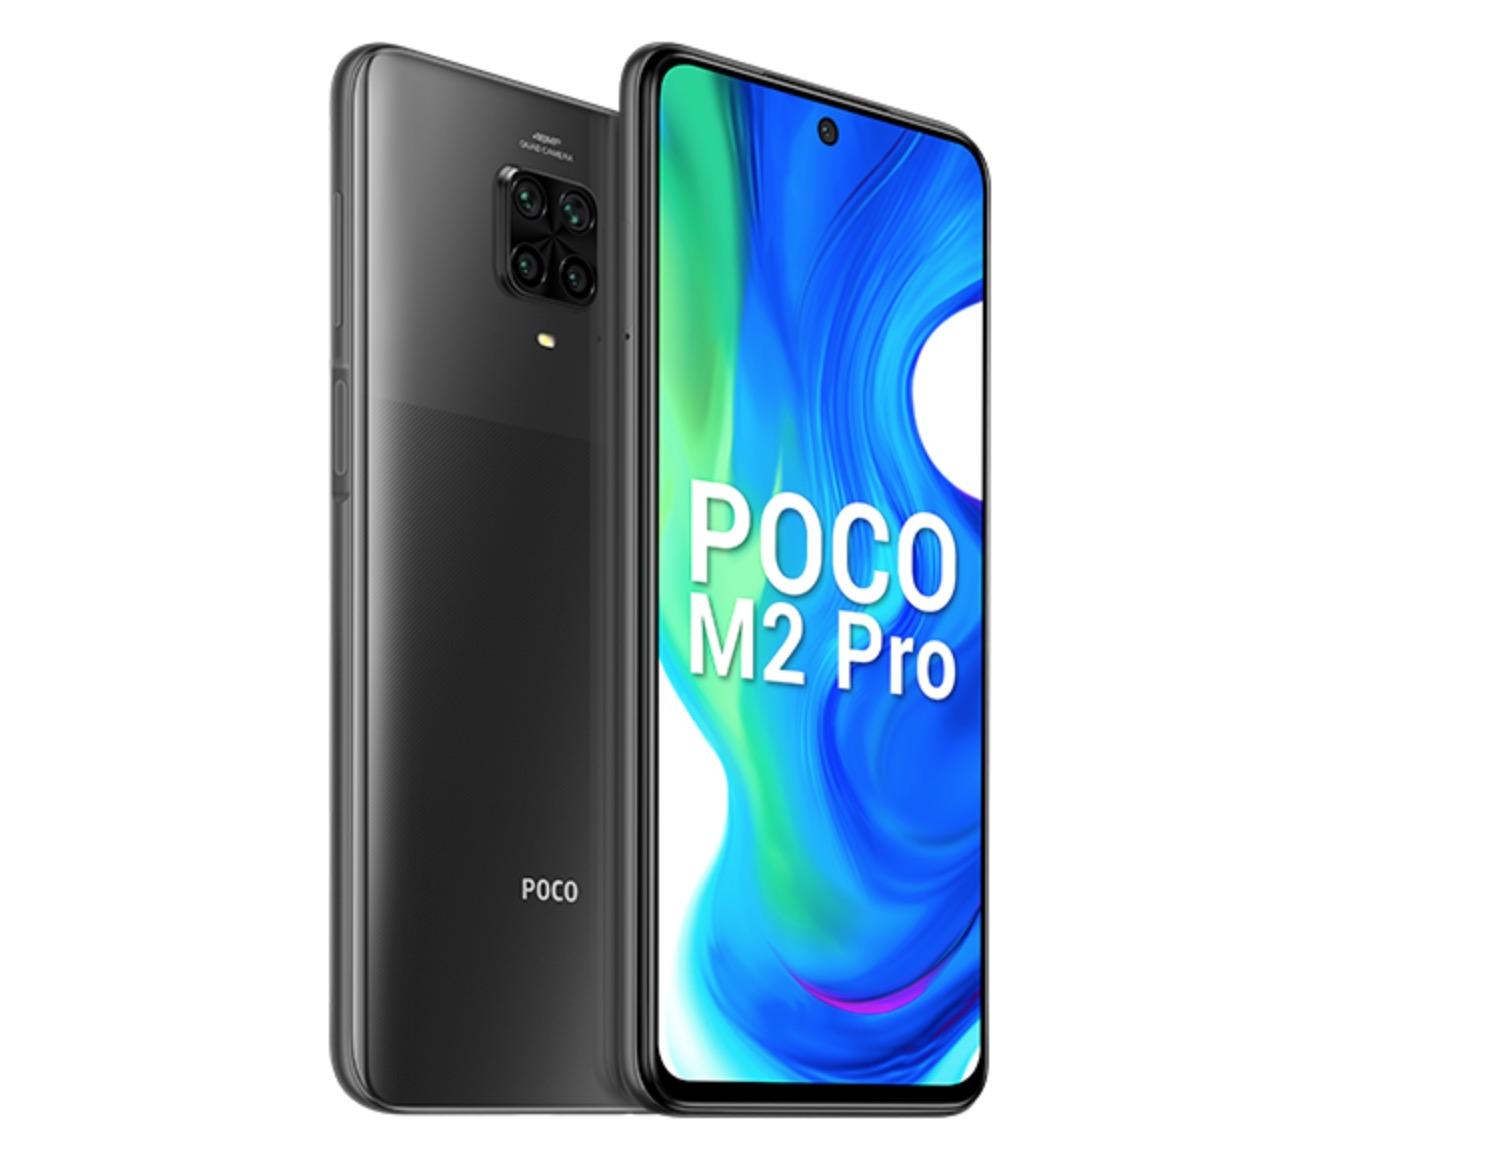 بدء الكشف عن مواصفات Poco M2 Pro بمعالج Snapdragon 720